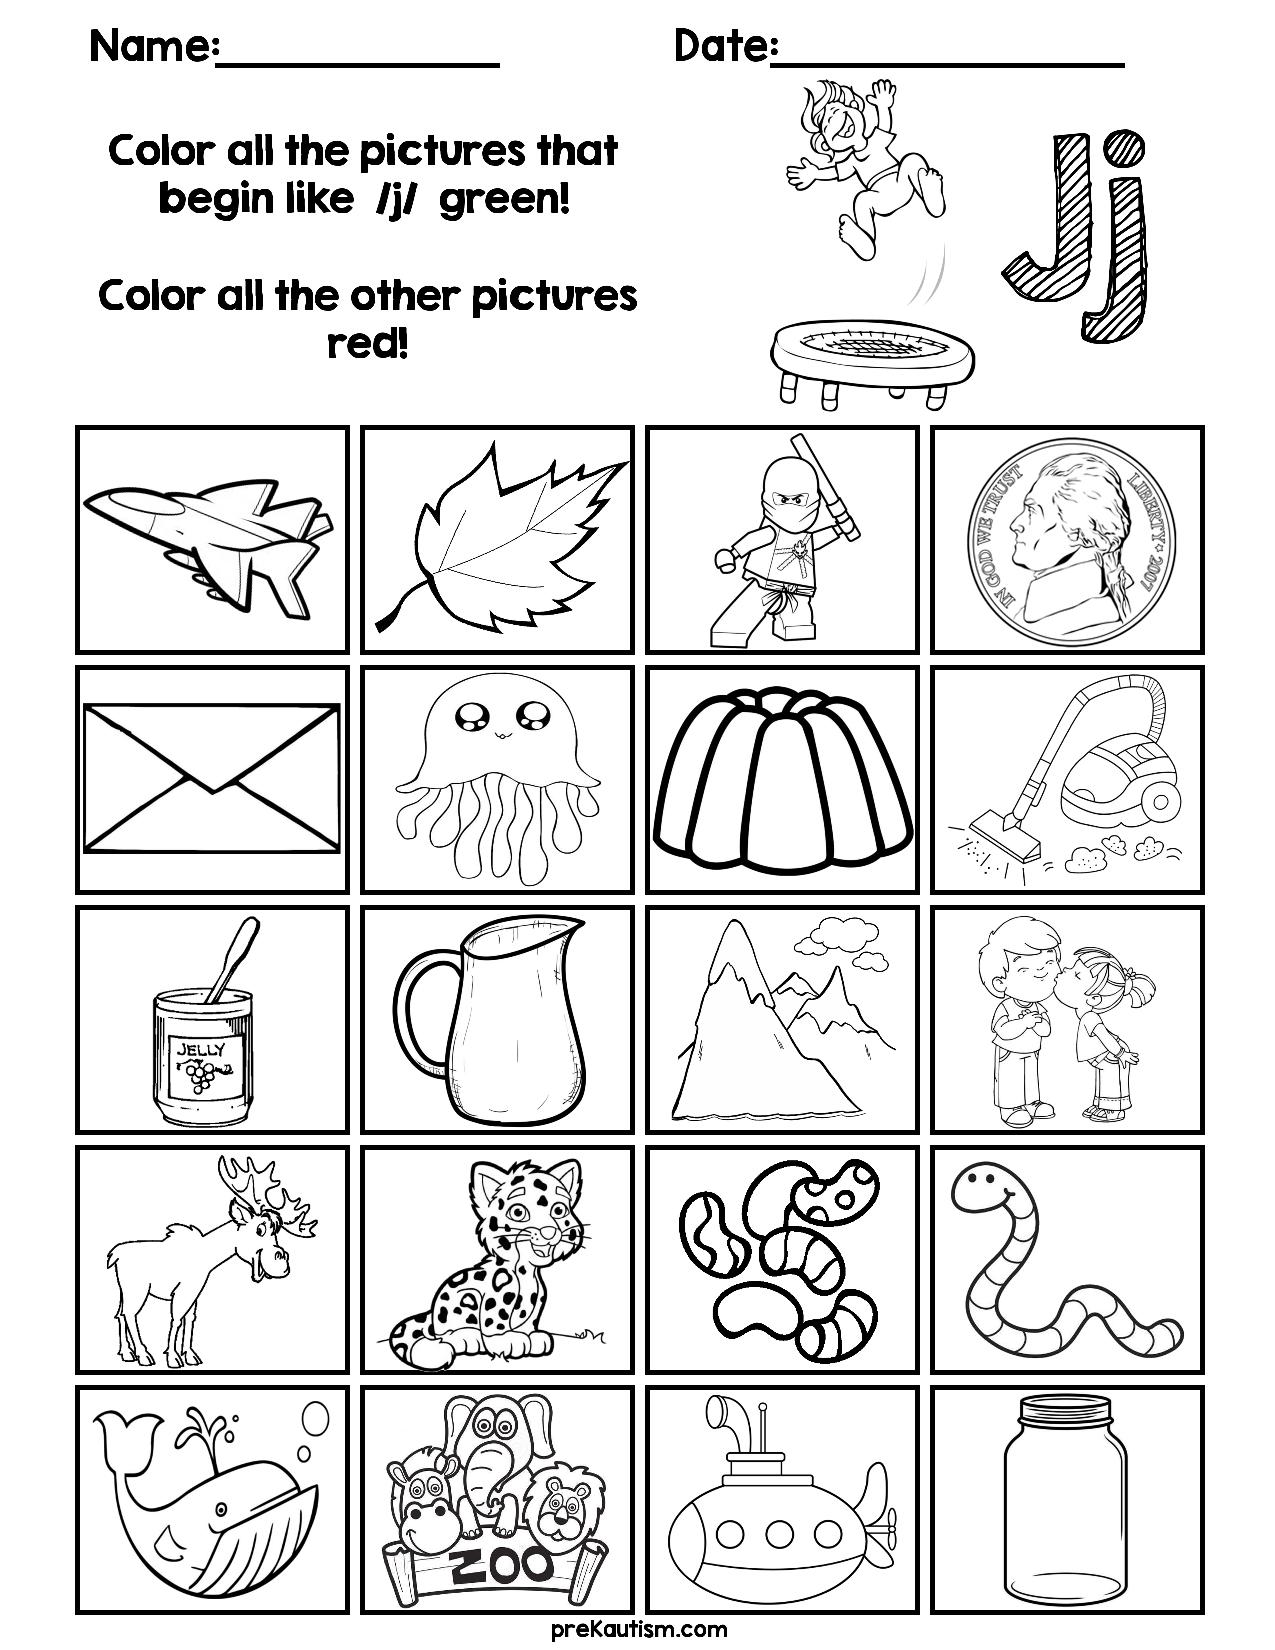 Find & Color Consonants Worksheets | Kindergarten Reading for Letter J Worksheets For First Grade